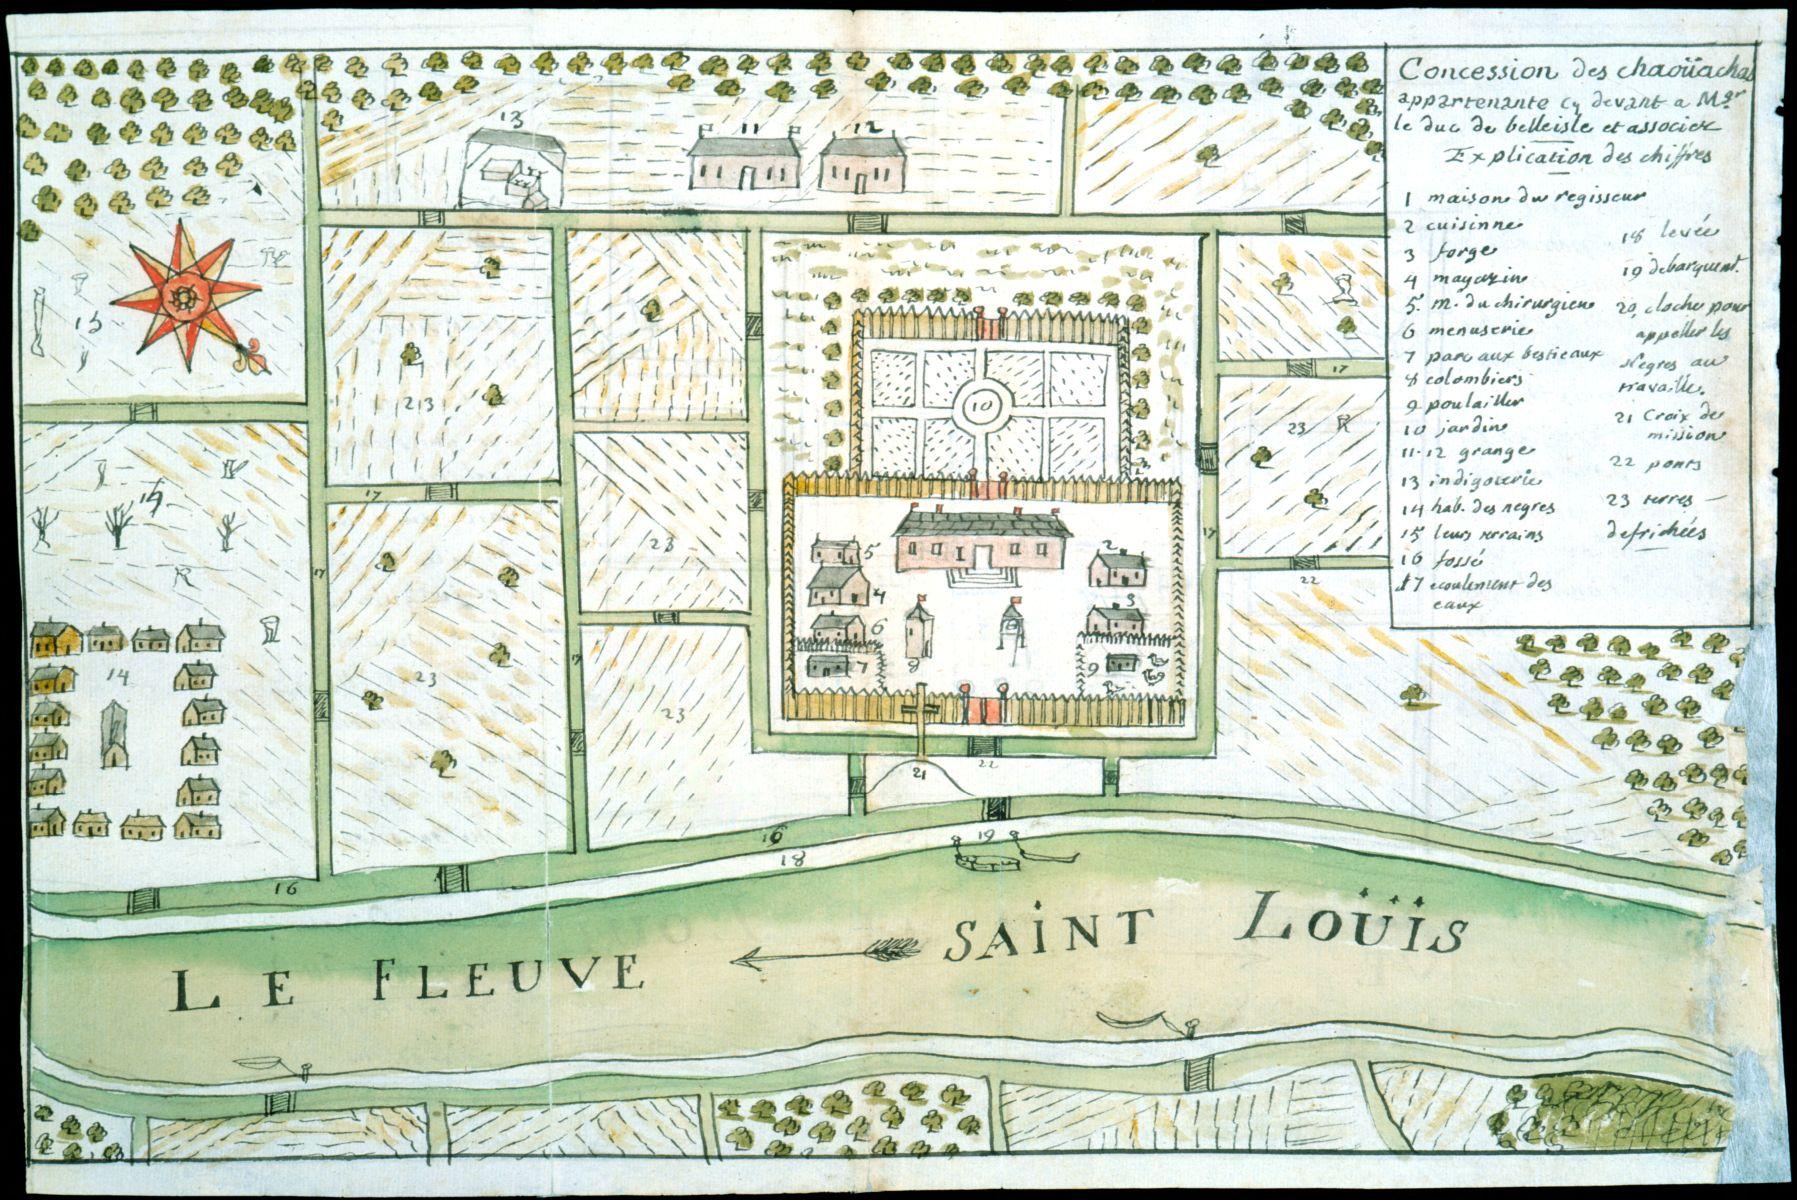 Dumont de Montigny, Concession des Chaoüachas appartenante cy devant a Mgr. le duc de Belleisle et associez (1747).